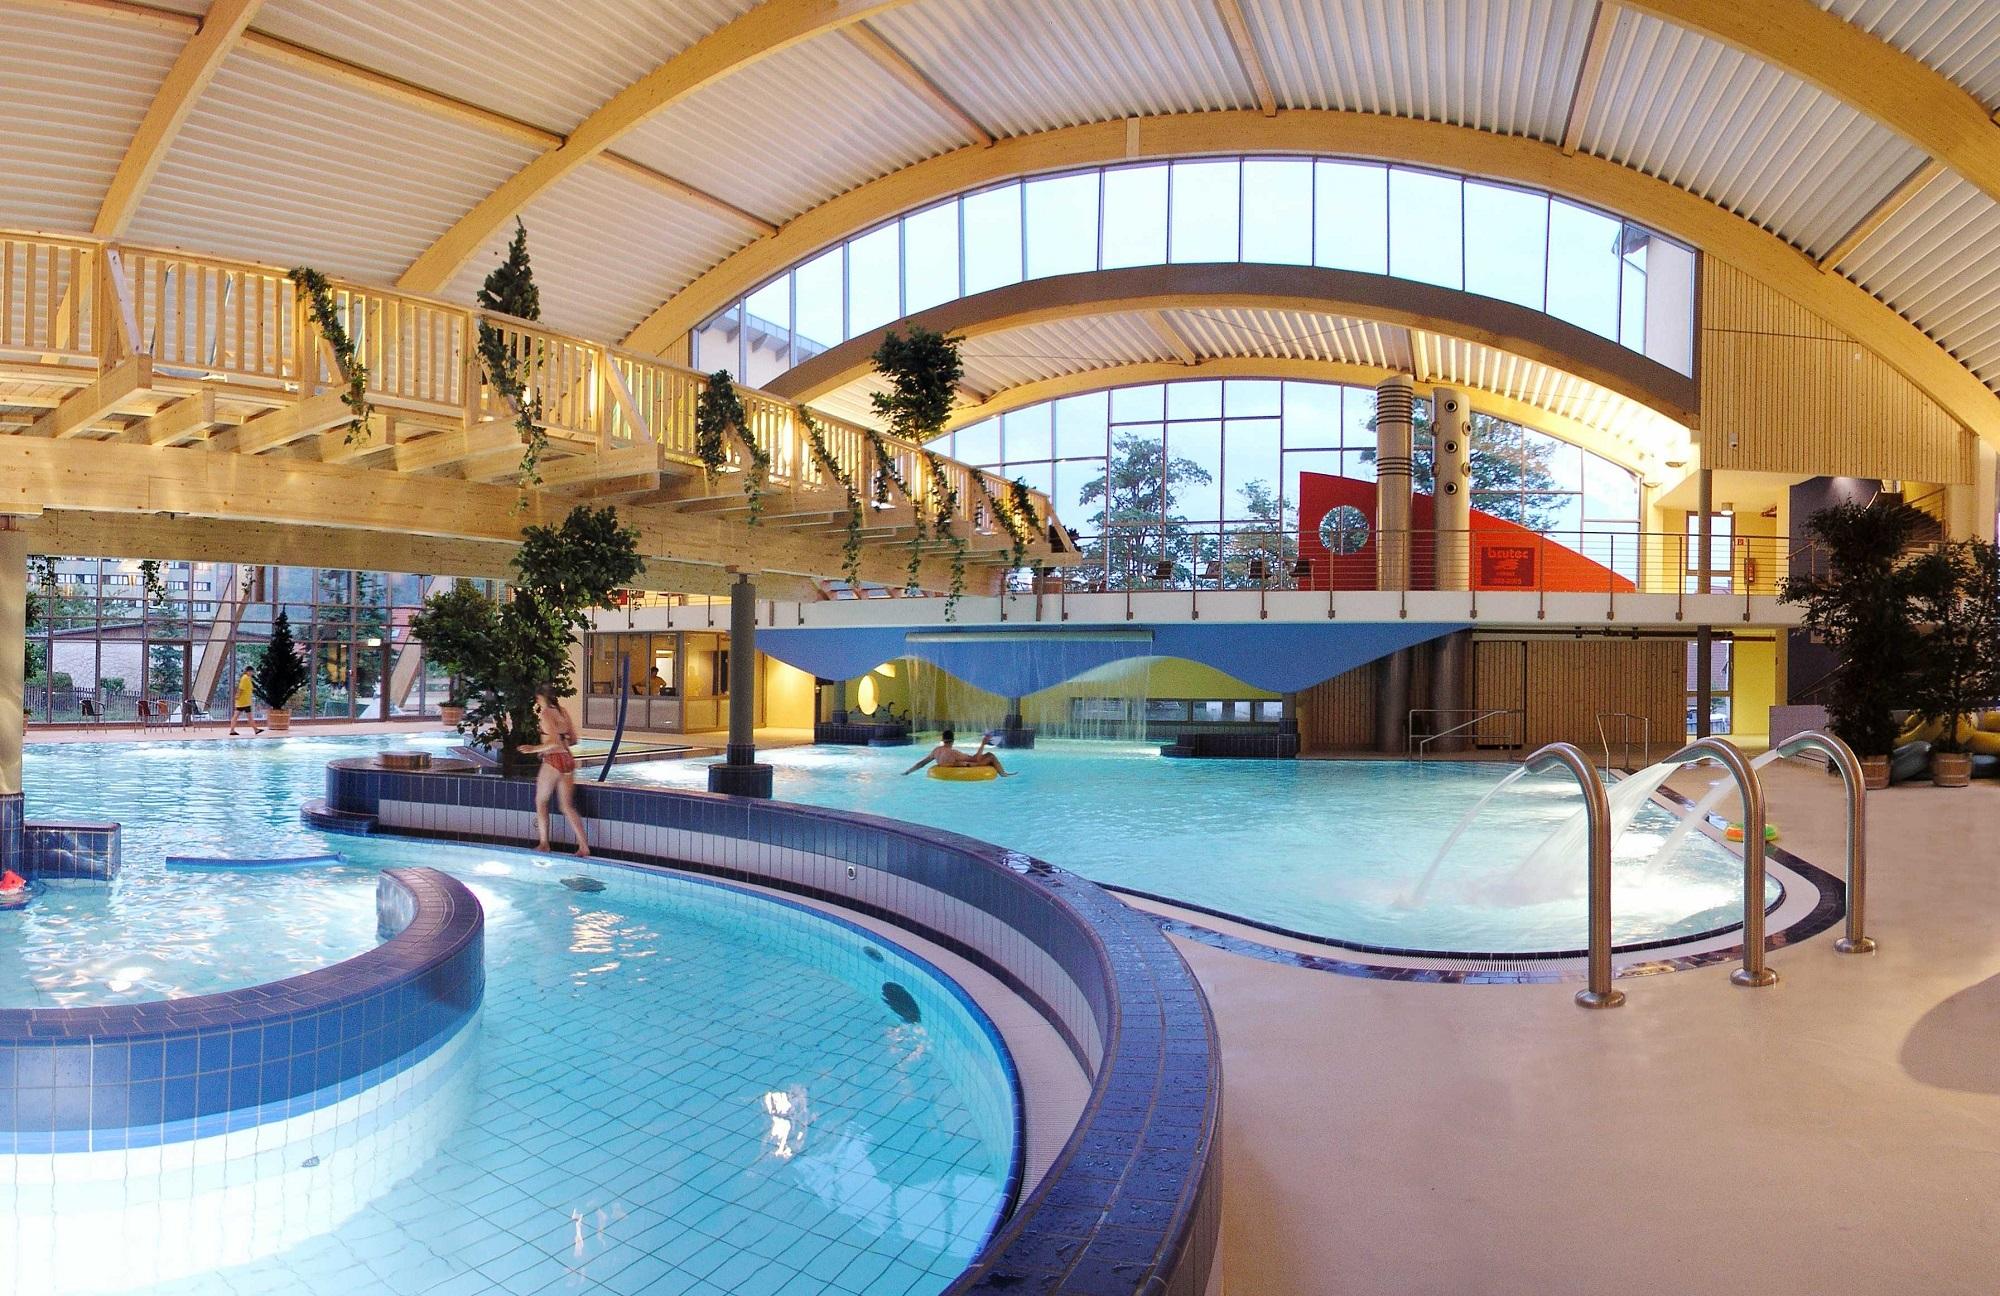 Hasseröder Ferienpark in Wernigerode - Erlebnisbad